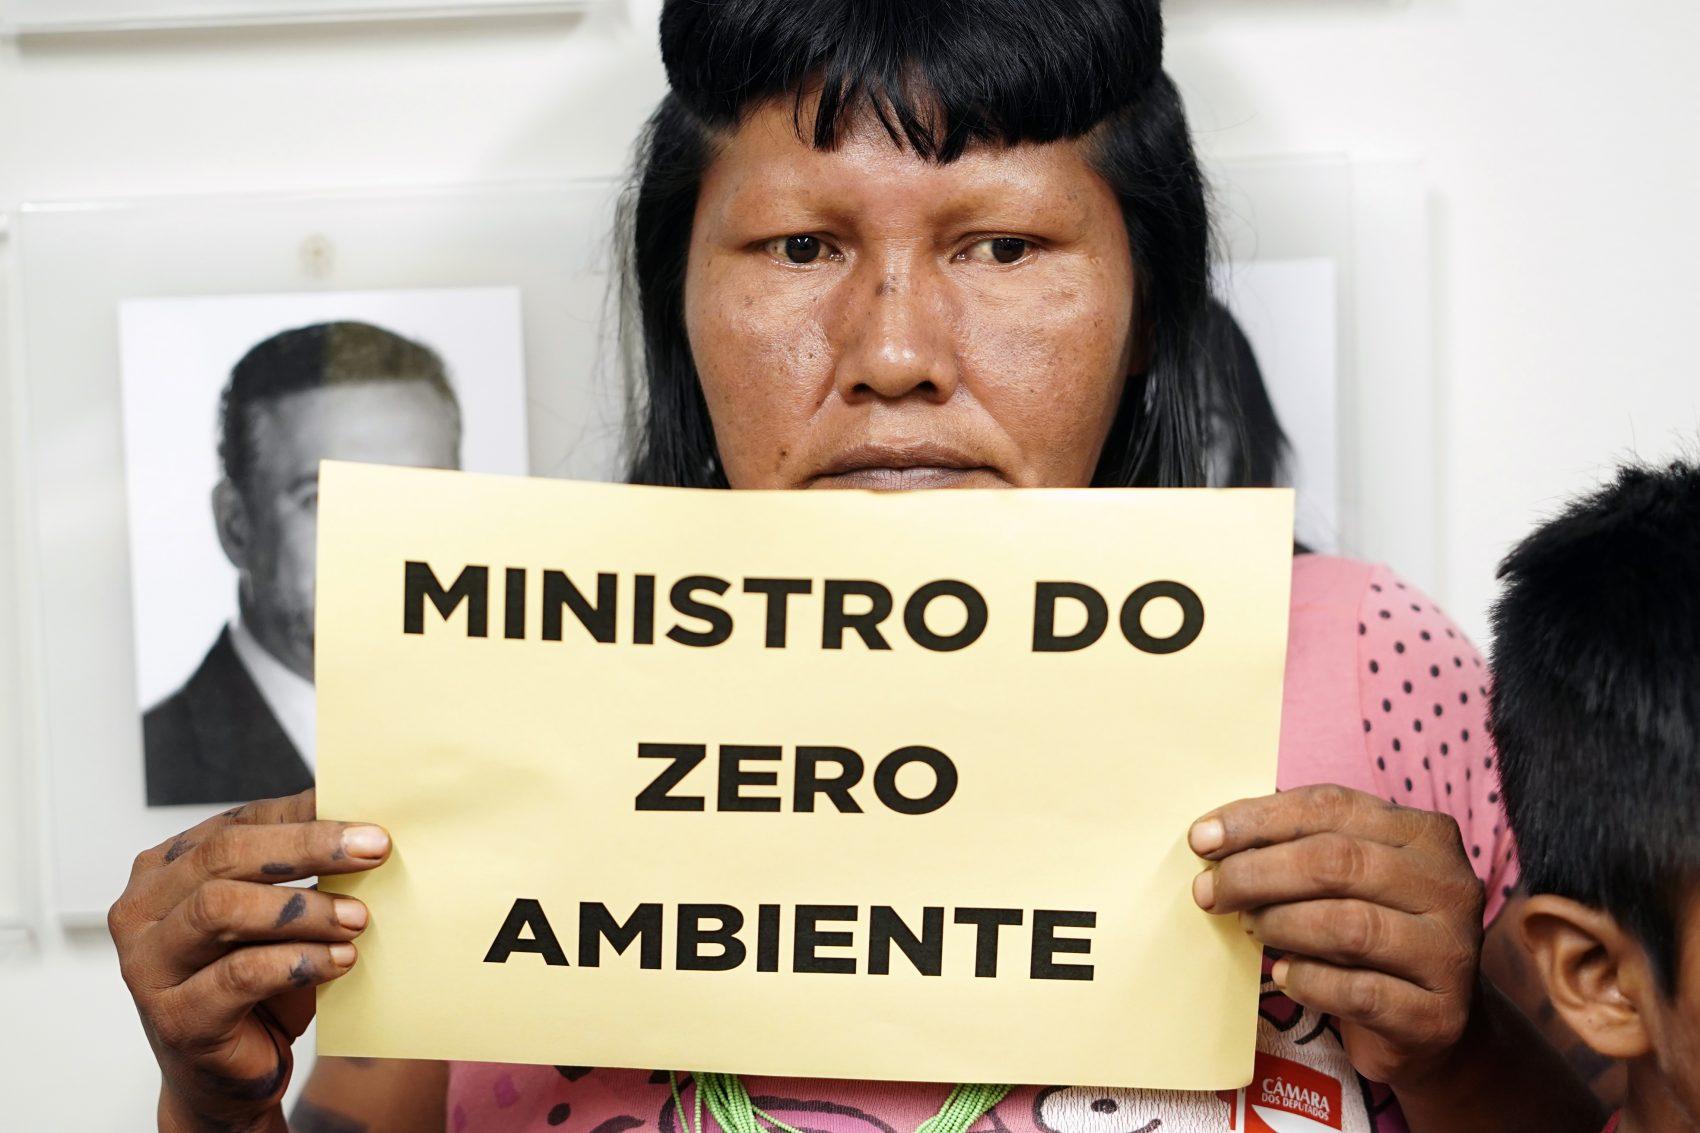 Protesto na Câmara durante audiência pública com o ministro Ricardo Salles: alarme com declarações polêmicas (Foto: Pablo Valadares/Câmara dos Deputados)